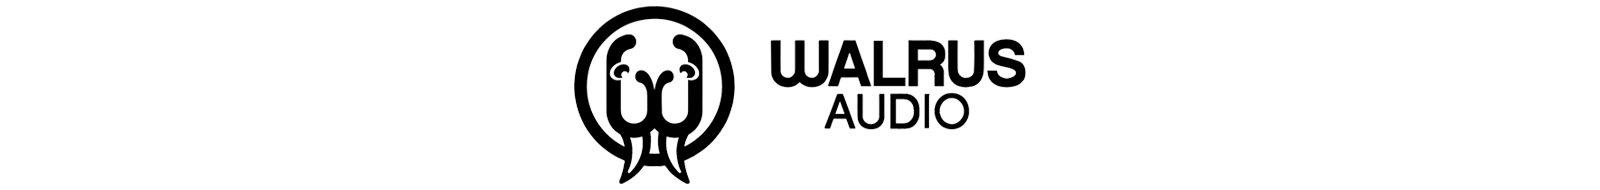 Walrus Audio Effects